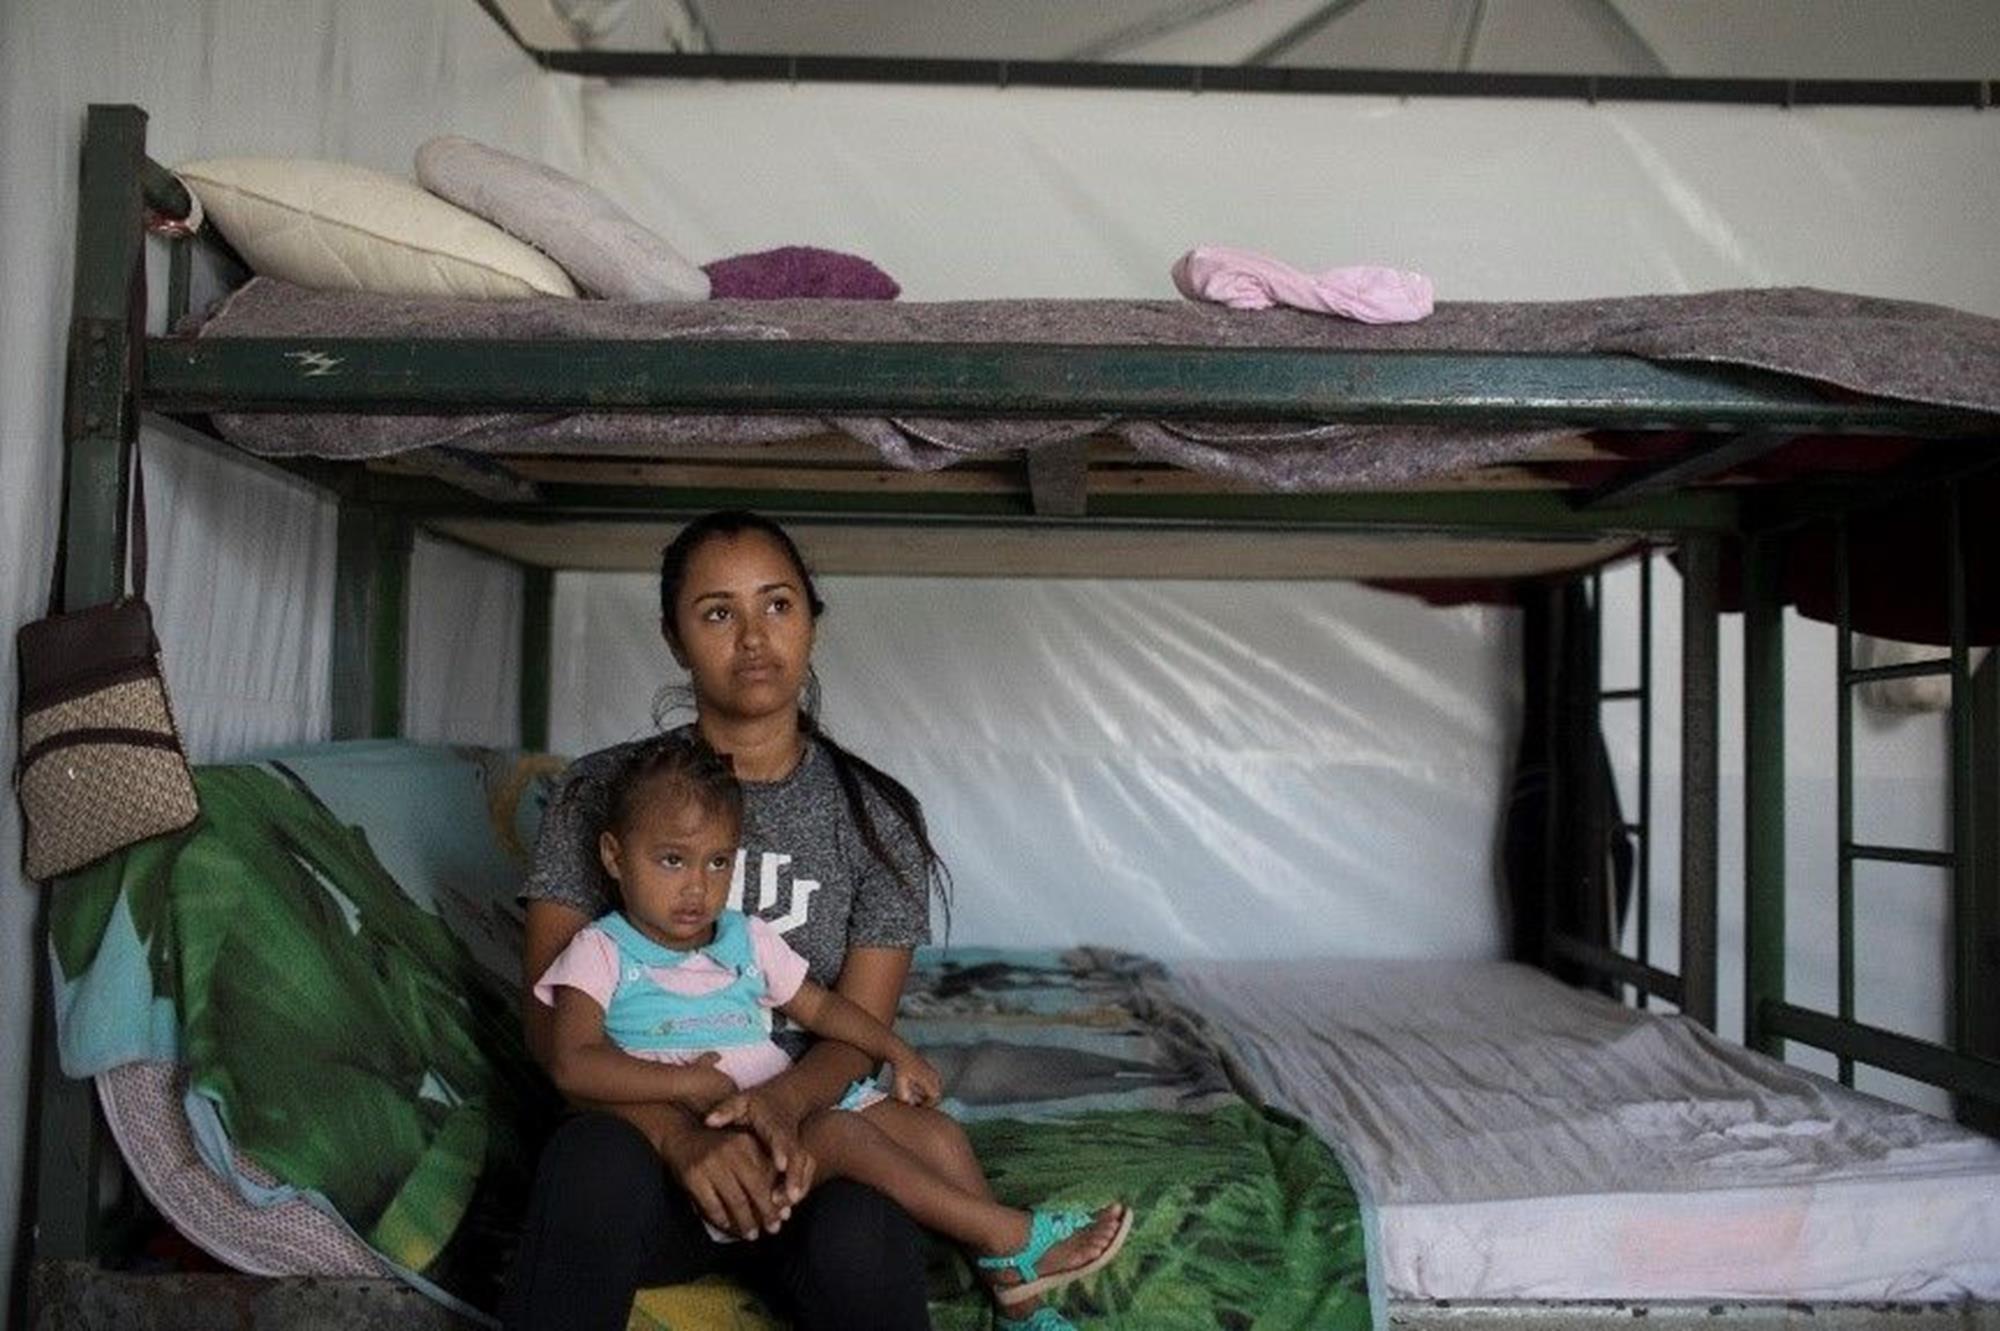 Estado de Roraima. Uma mãe venezuelana sentada com sua filha em uma cama em um centro de acolhimento de migrantes. , Crédito: MORIYAMA,  Victor/CICV, Desafio da Marel destina recursos à Cruz Vermelha no Brasil, Desafio da Marel destina recursos à Cru